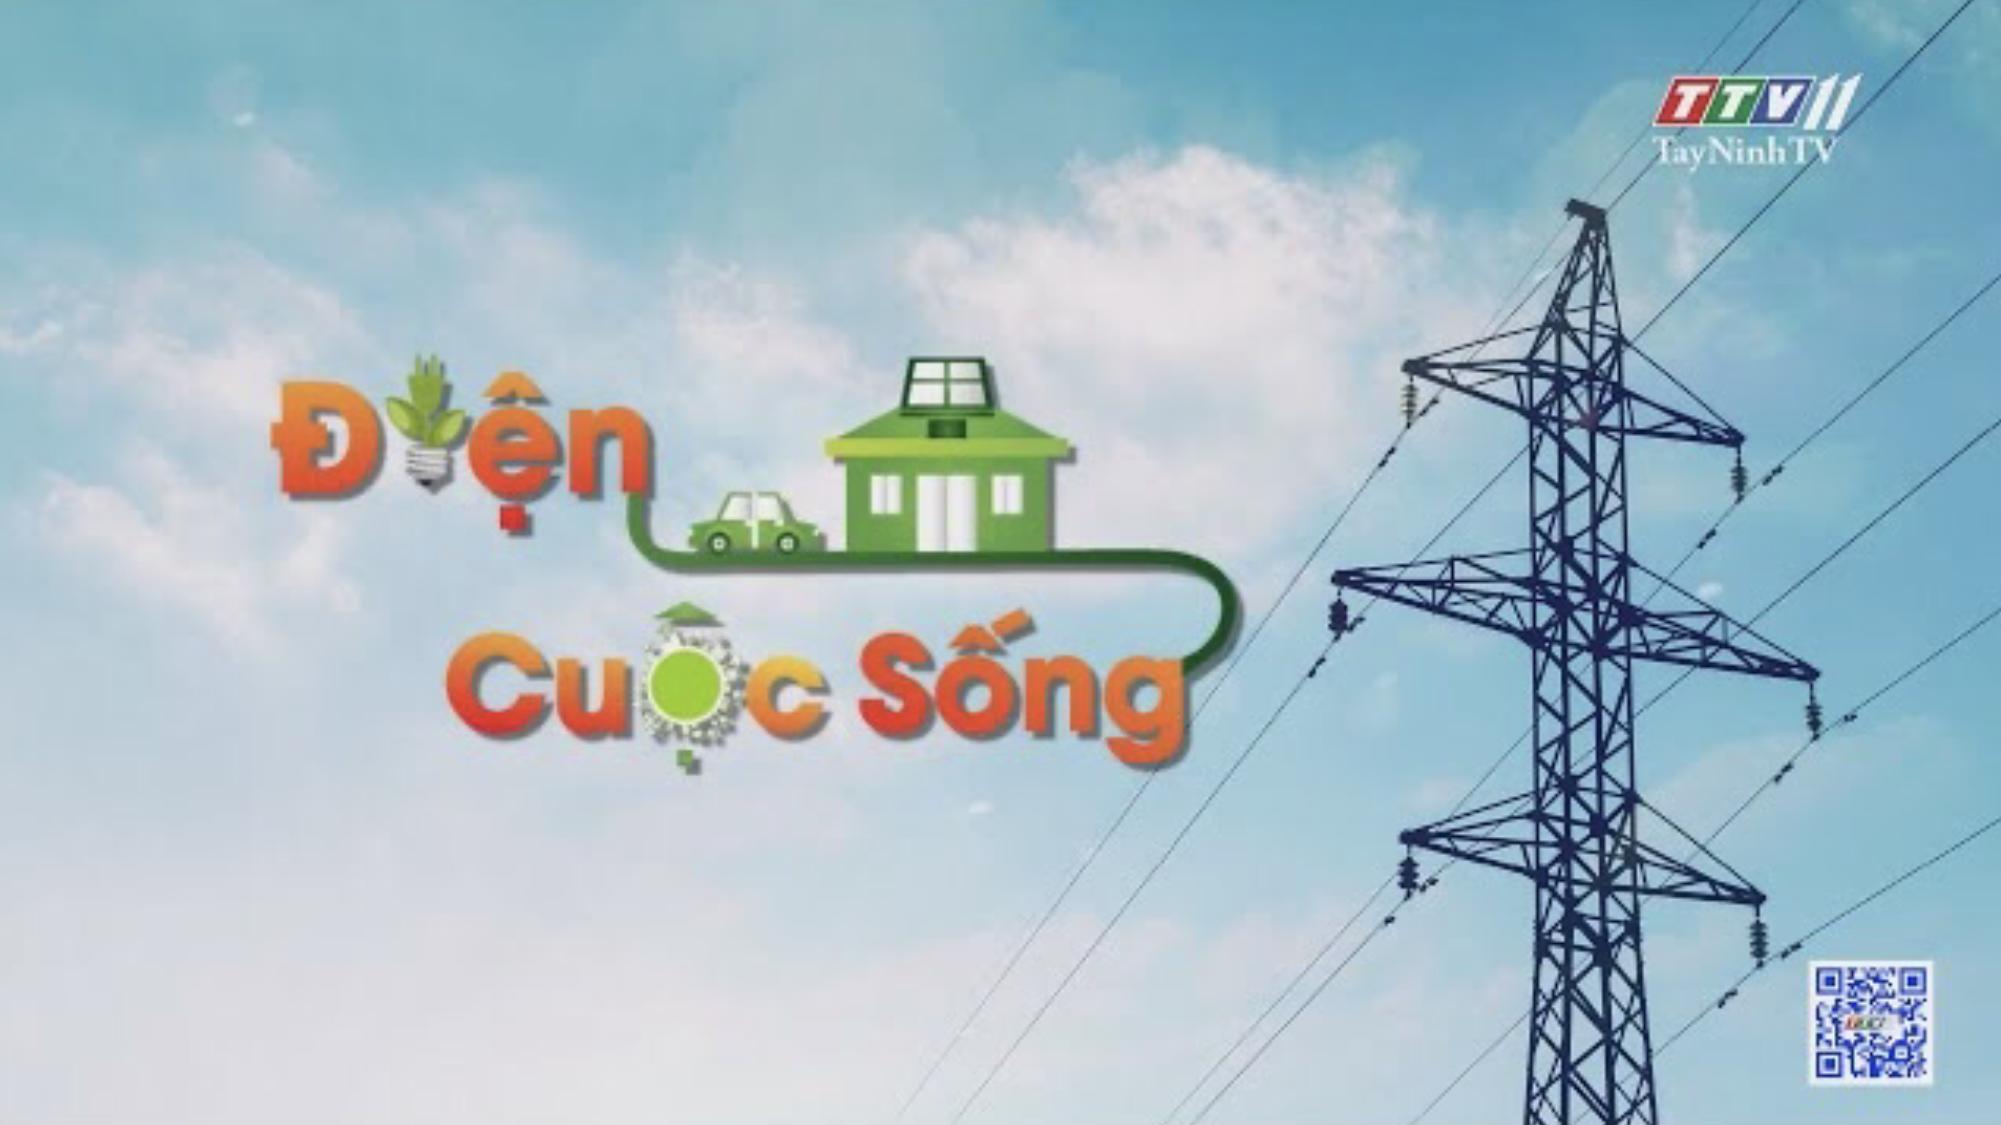 CÔNG TÁC KIỂM TRA, BẢO DƯỠNG, ĐẦU TƯ XÂY DỰNG LƯỚI ĐIỆN 110KV | TayNinhTV